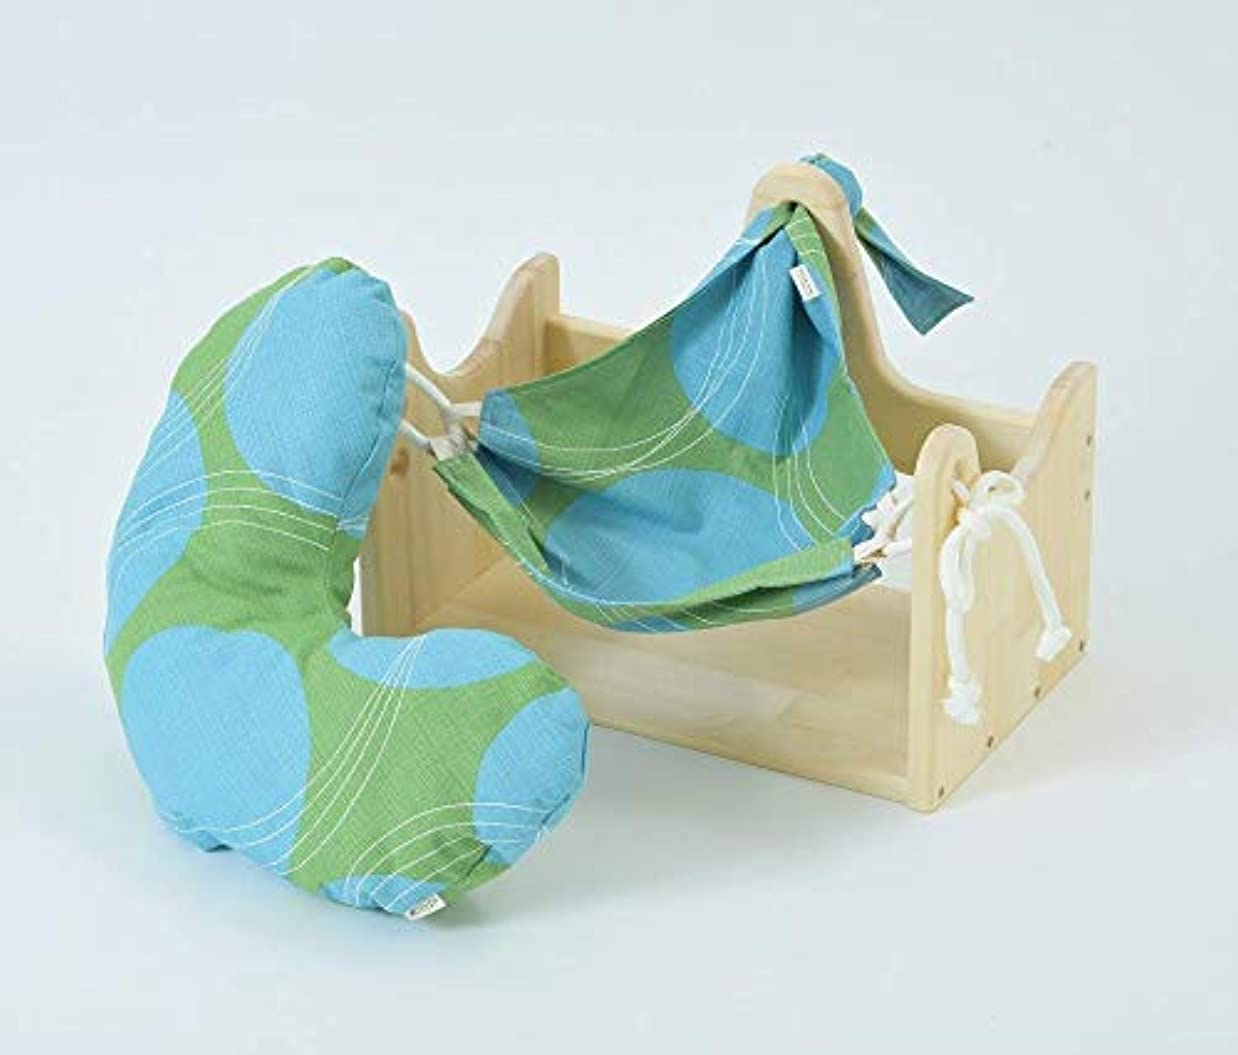 雑種適用する寝具エムアイストーリー/ハンモックピローα (サークルG) 良質な睡眠のための枕 癒しのまくら 首こり 肩こり ストレス対策